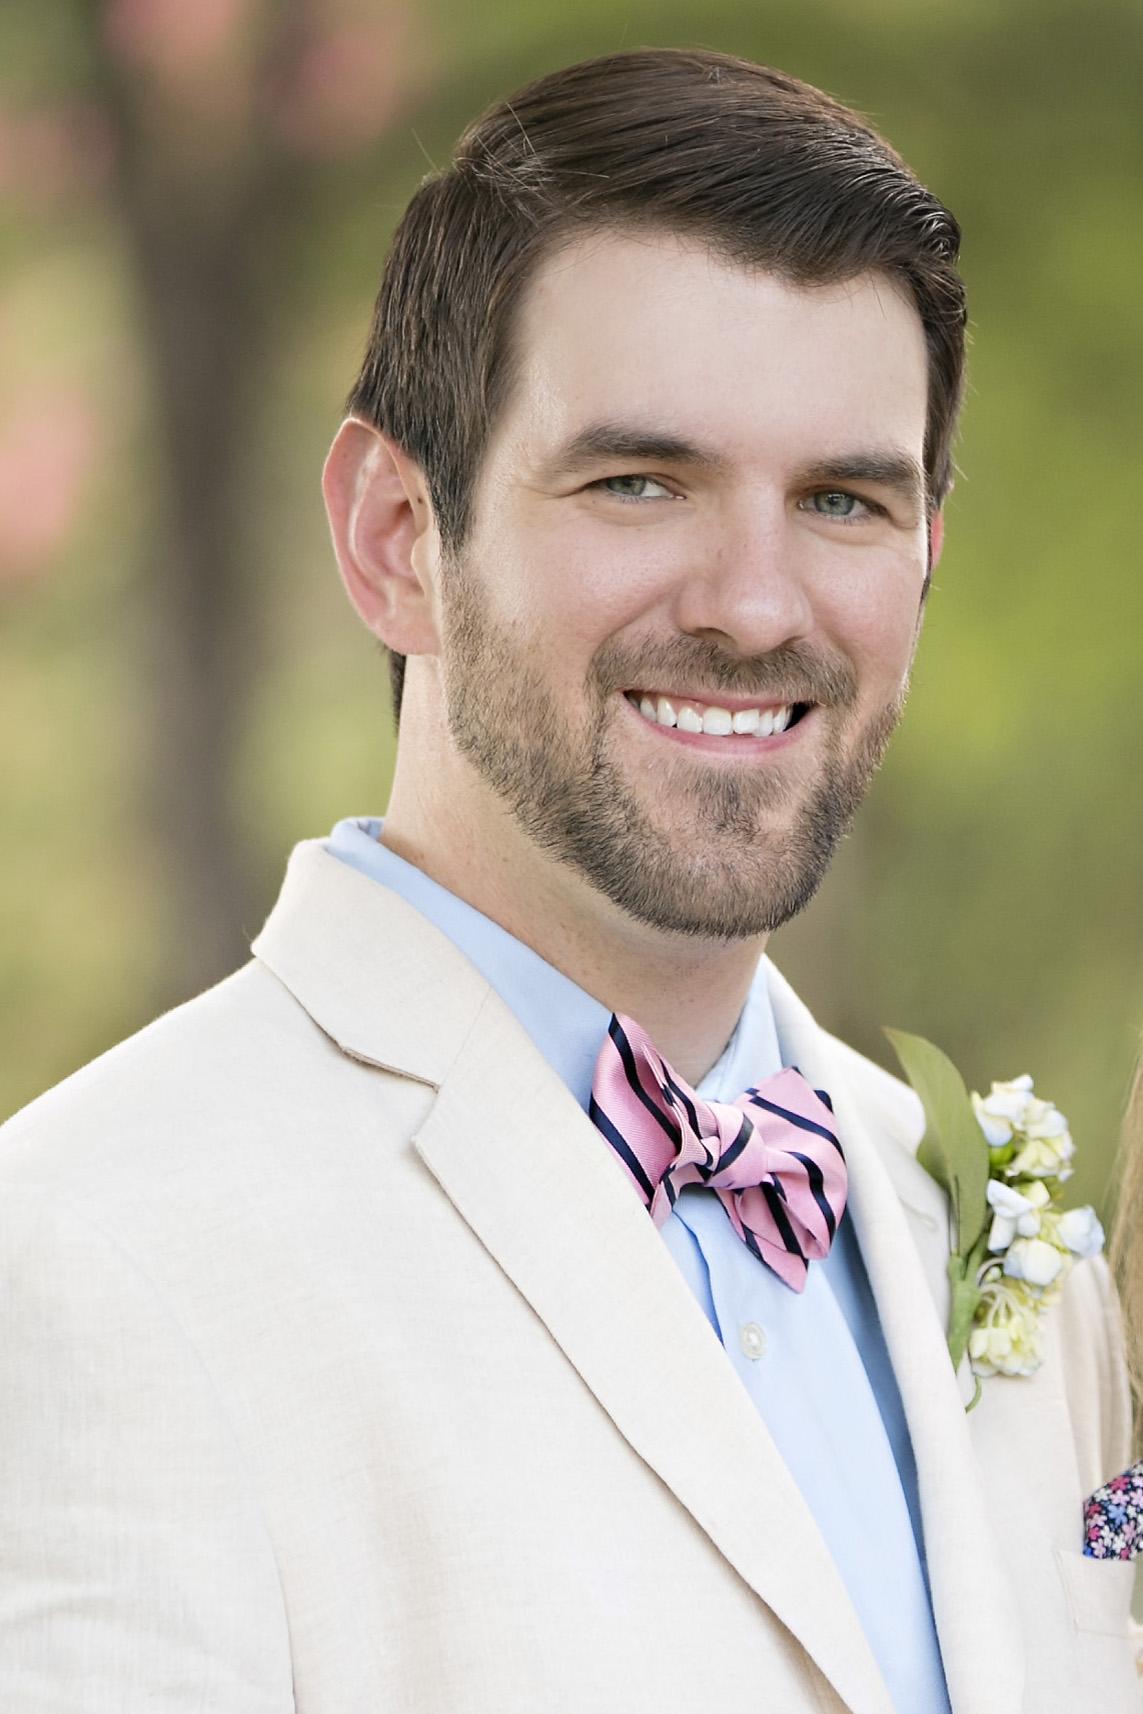 Dr. Derek Bruner